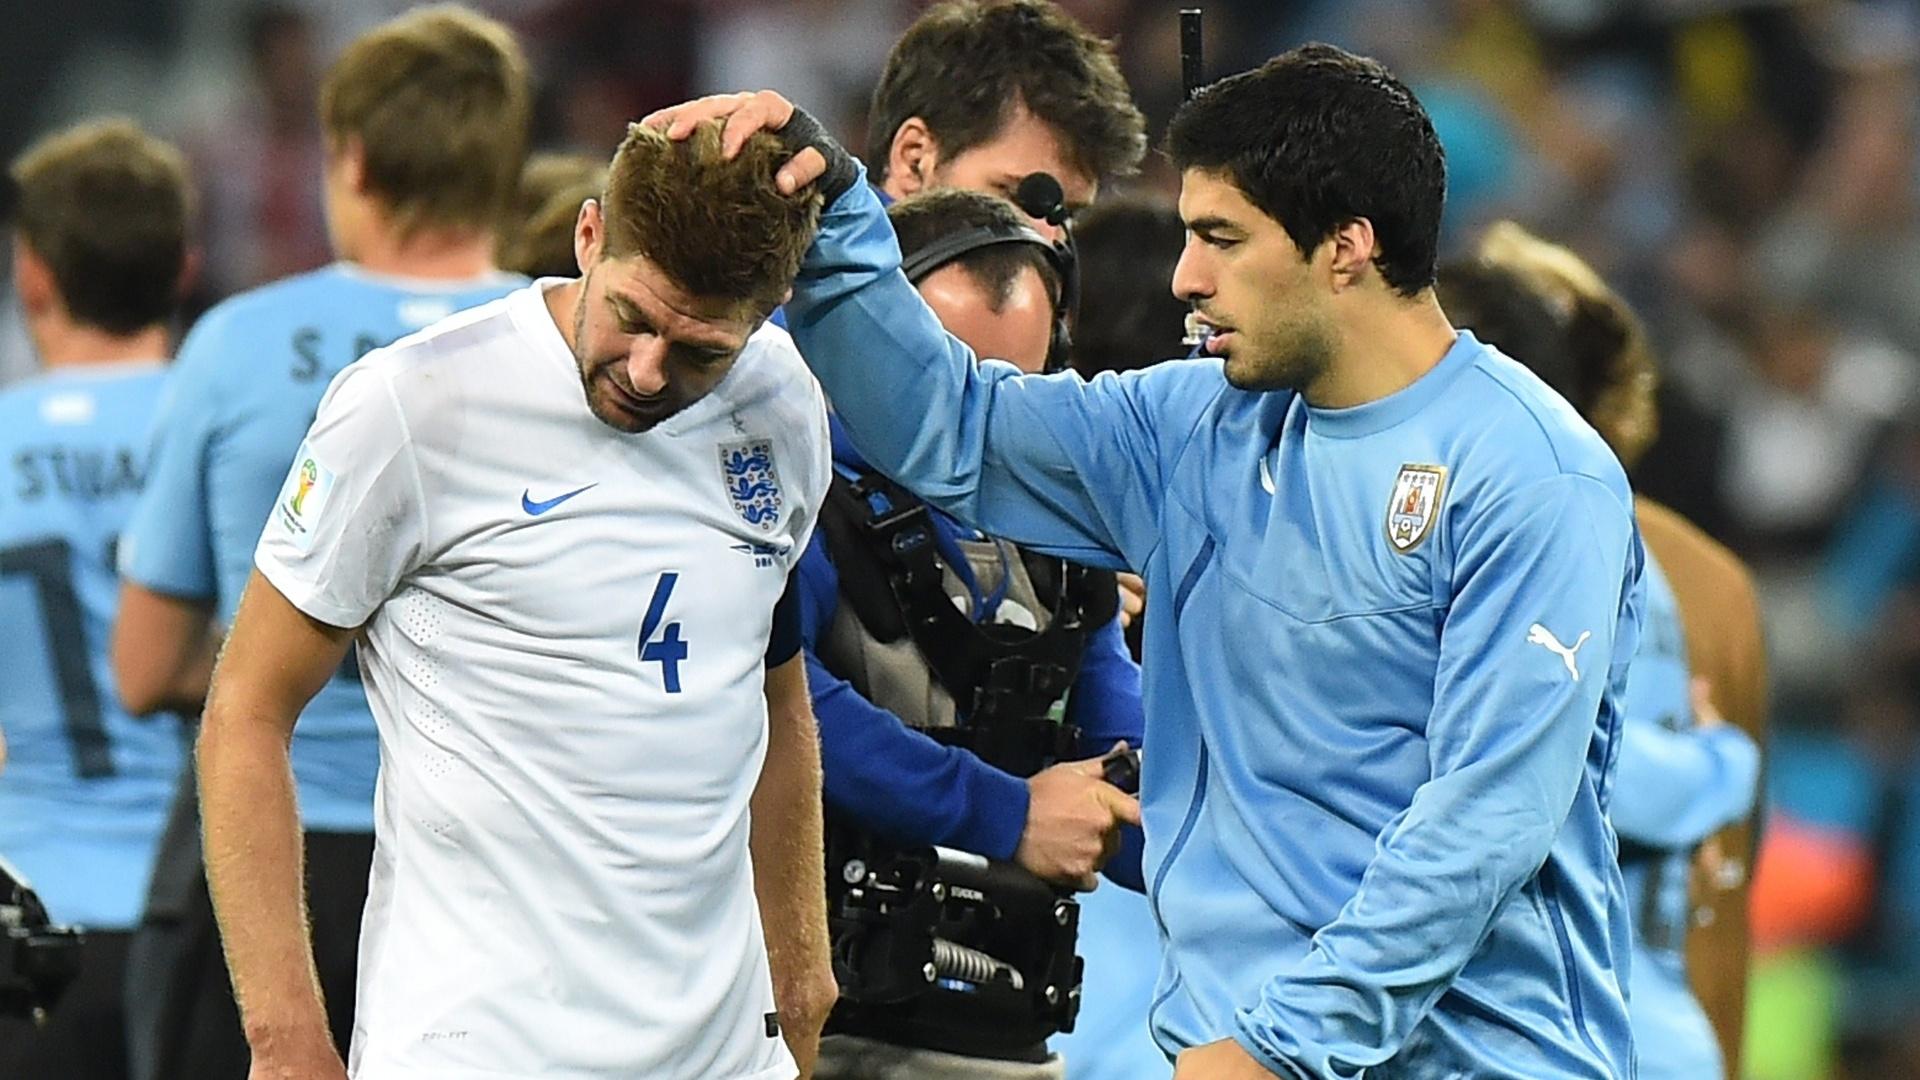 19.jun.2014 - Uruguaio Suárez consola o inglês Gerard, companheiro de Liverpool, após a vitória dos sul-americanos por 2 a 1